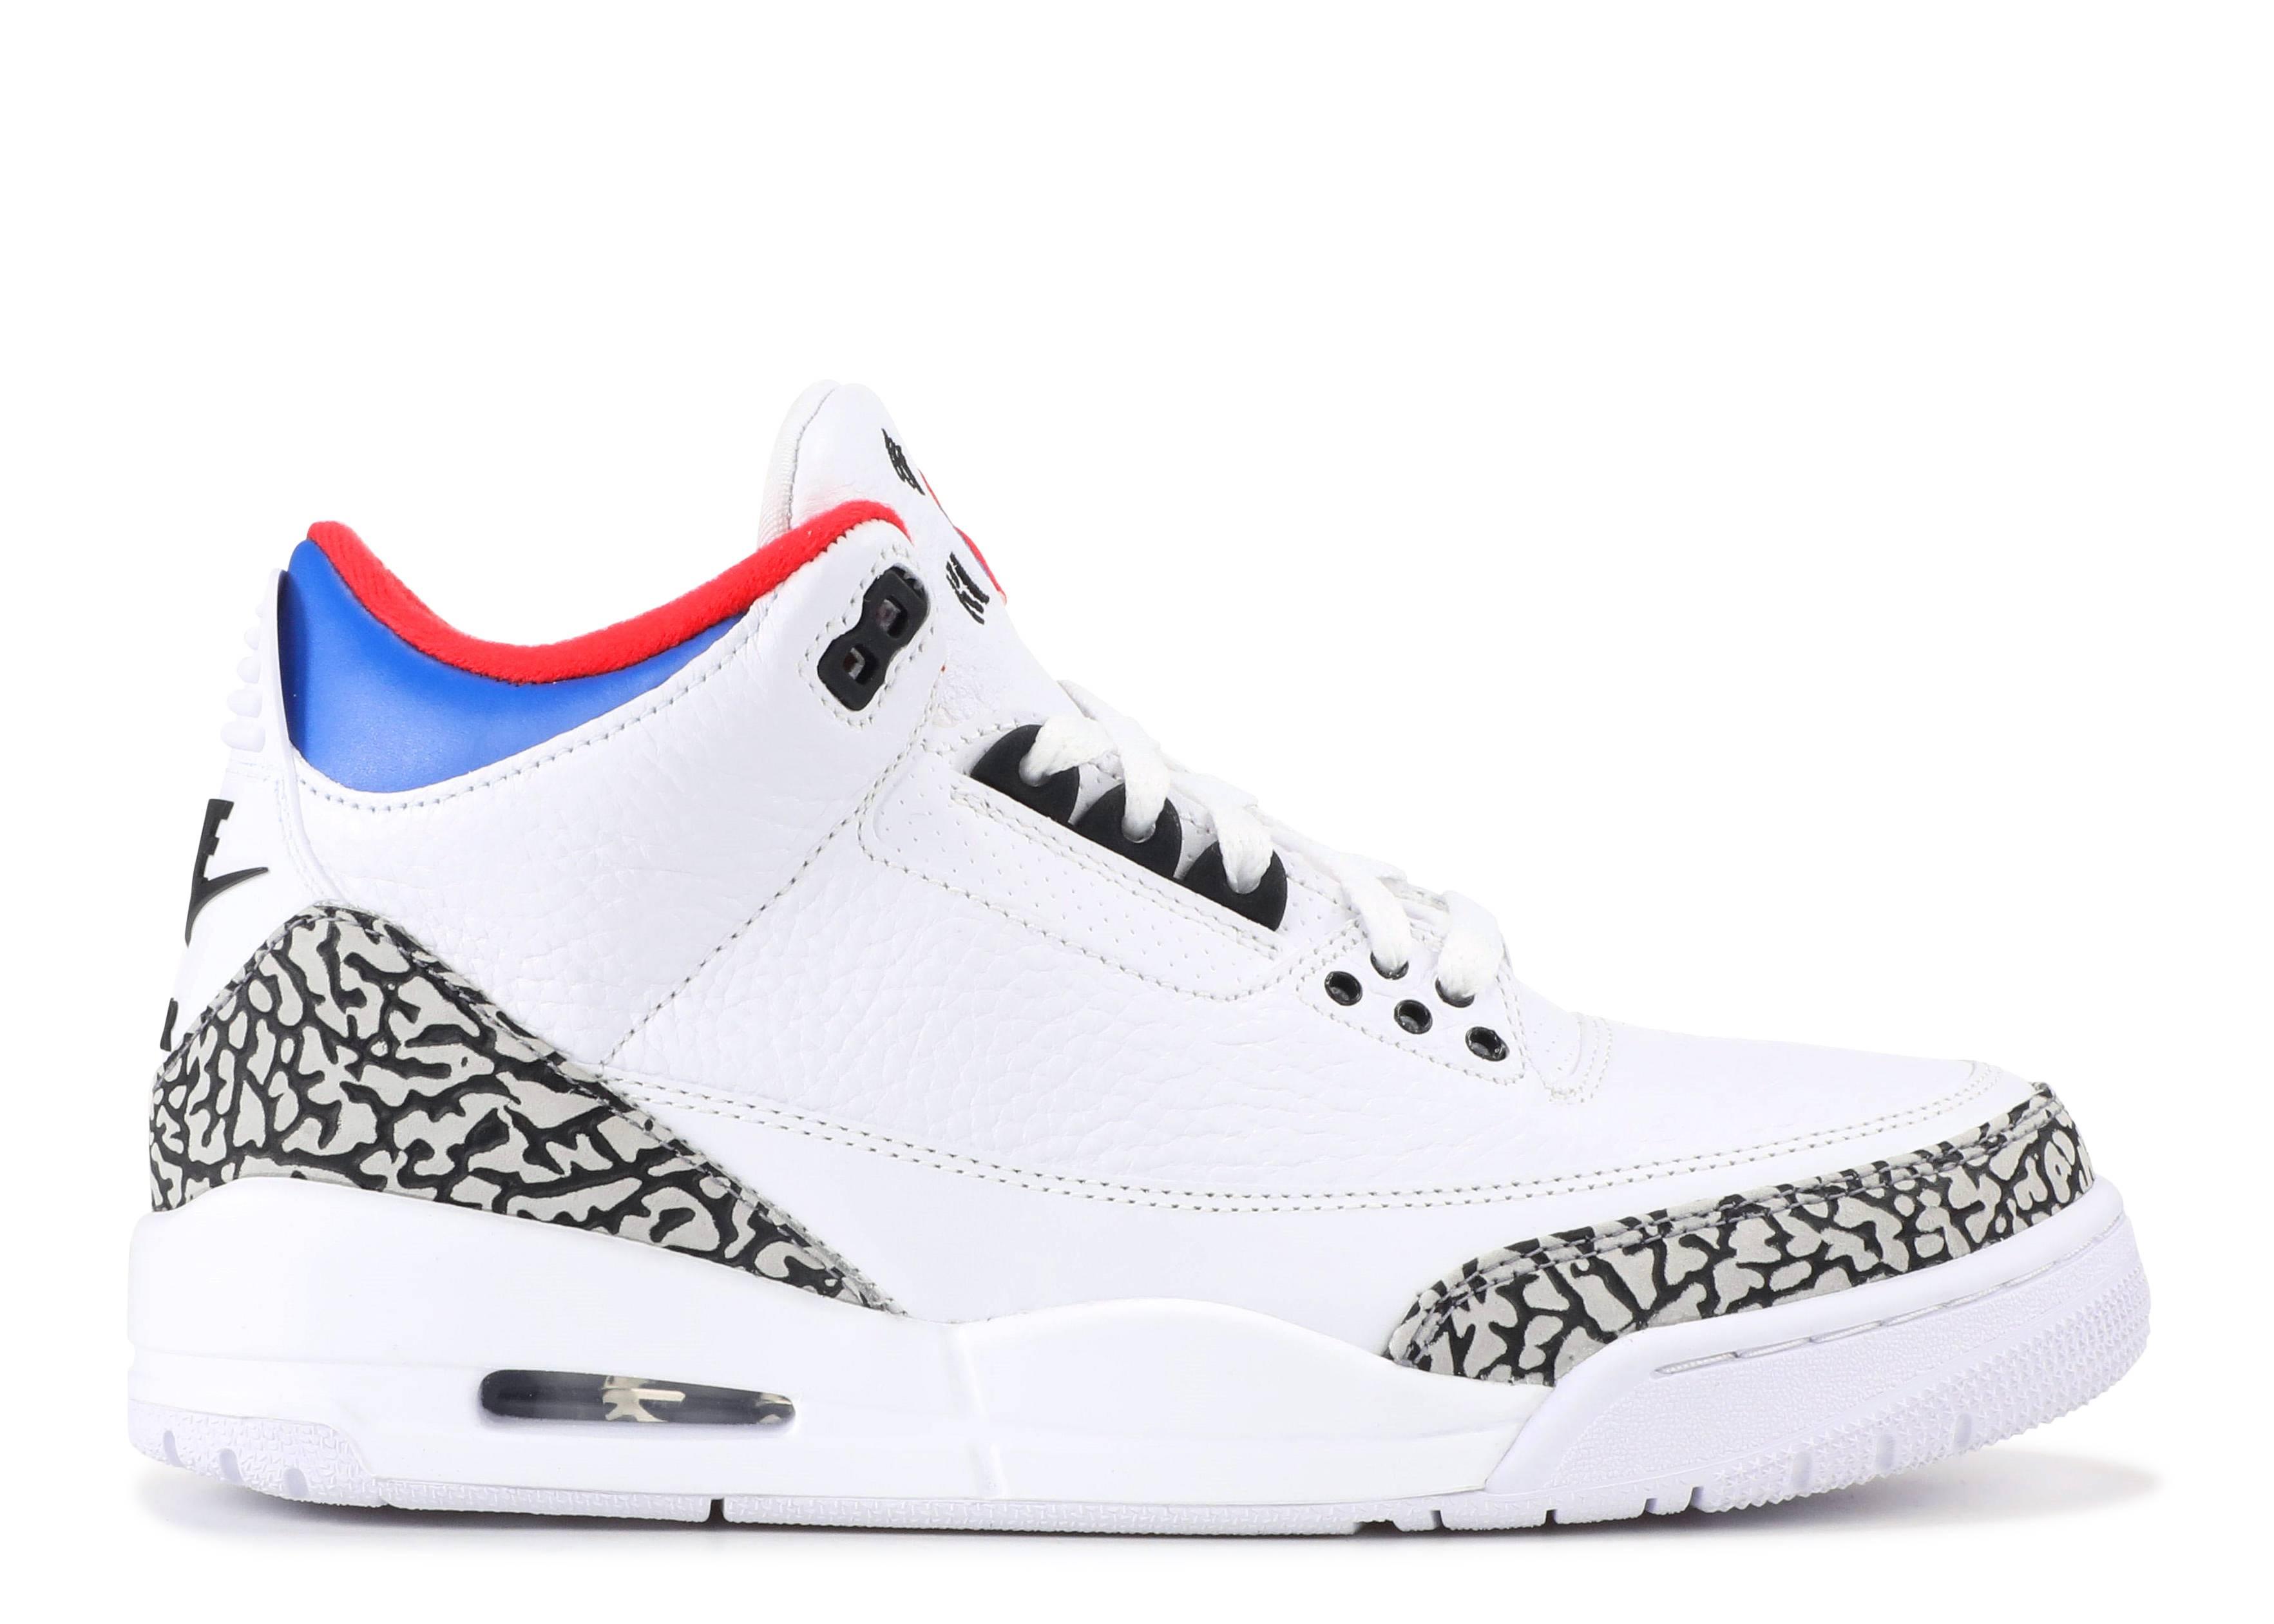 17019d5cdd60dd Air Jordan 3 Retro